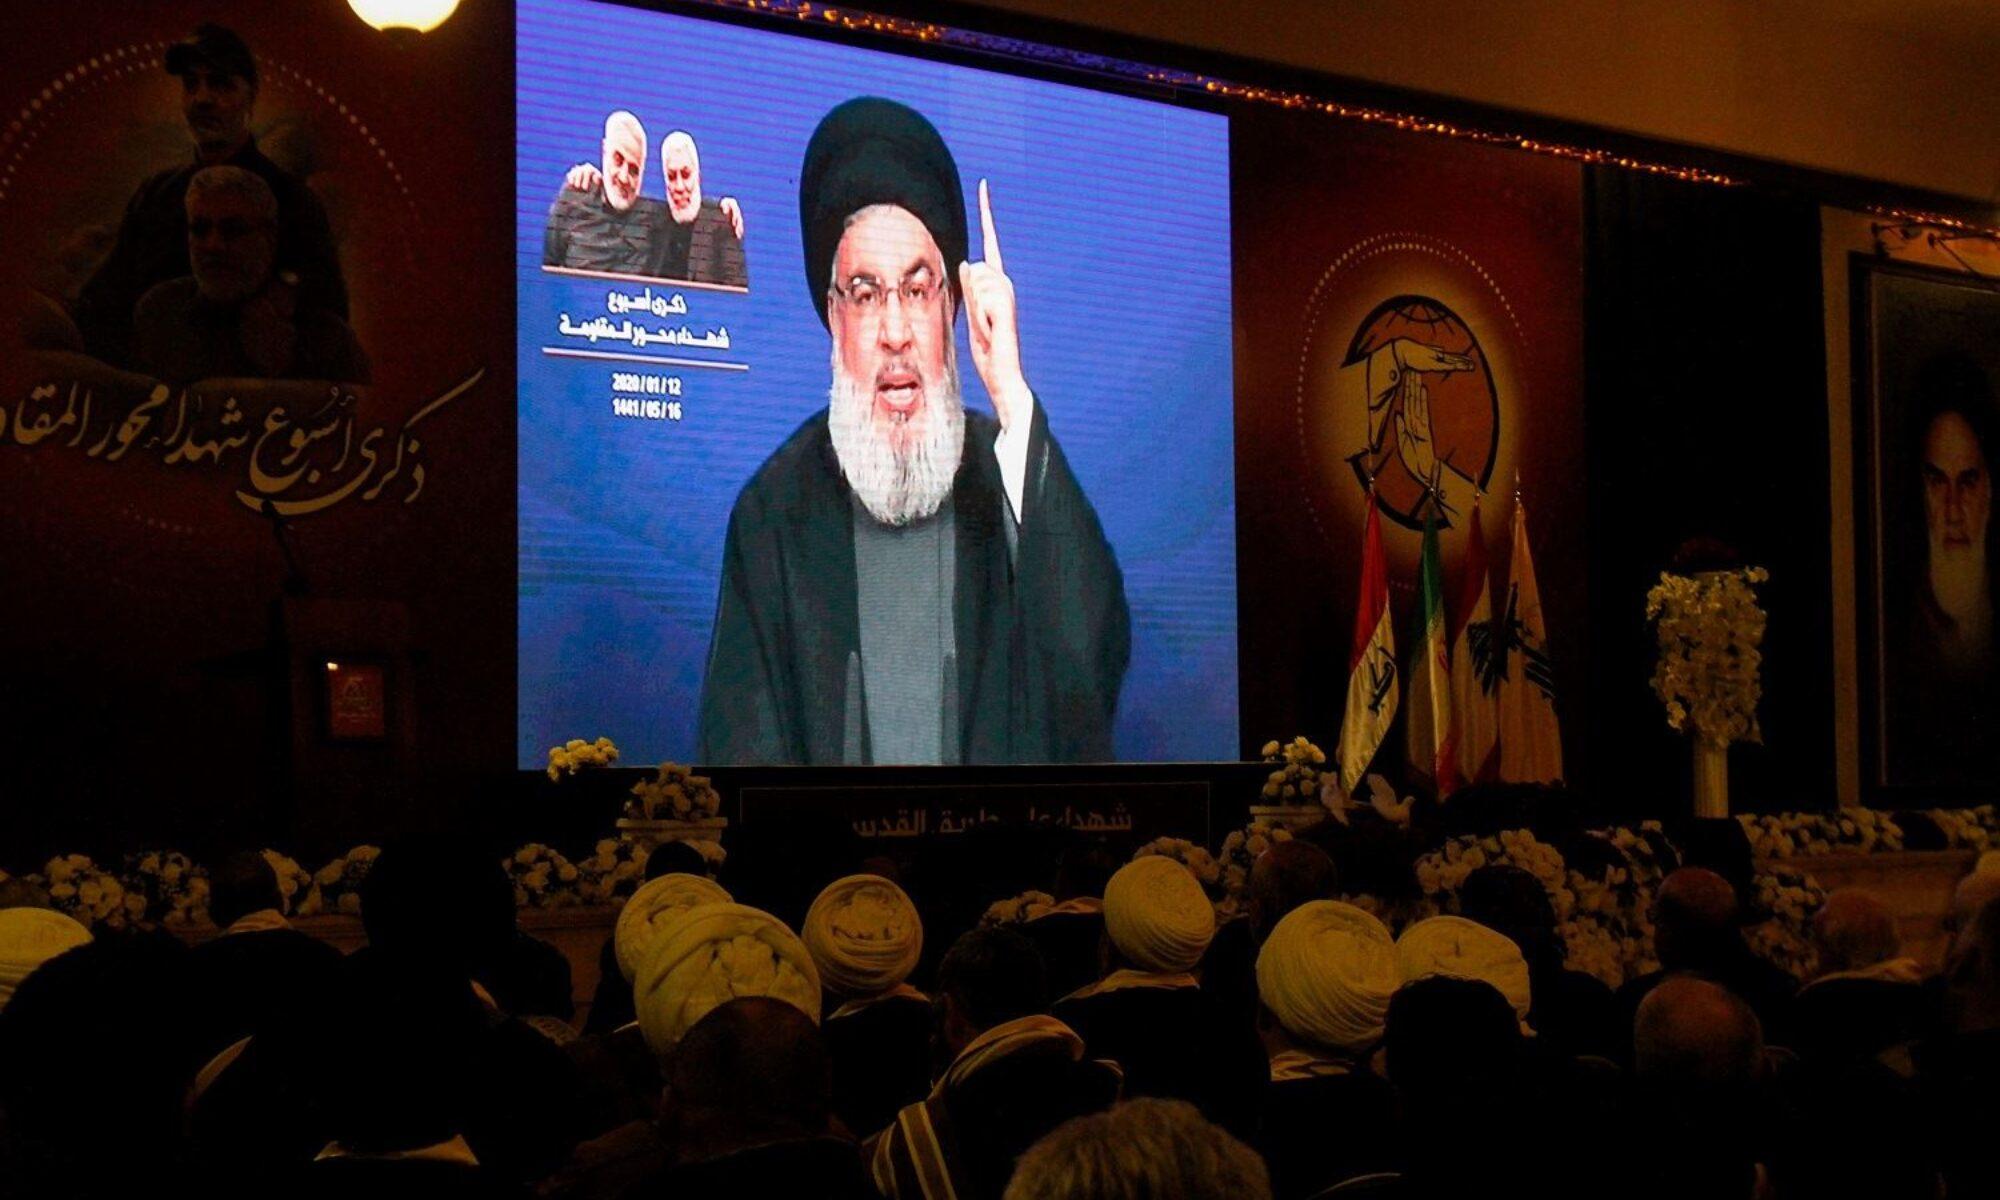 """Hizbullah lideri Hasan Nasrallah, ABD'nin Afganistan'dan çekilmesine ilişkin yaptığı açıklamada, Suriye rejiminin Rojava da dahil tüm topraklara egemen olması gerektiğini söyledi. Nasrallah, Salı gecesi Lübnan'daki El Manar TV'nin bir yayınında """"[Afganistan'dan gelen] görüntüler Vietnam'daki Saygon sahneleriyle tamamen aynı, bunlar bir fotokopi"""" dedi. Hizbullah lideri Hasan Nasrallah, Afganistan'daki son gelişmelerin Ortadoğu halkının boyutlarını anlamaya çalışması gerektiği 'küresel yansımaları' olacağını söyledi. ABD'nin Kabil Elçiliği'ni tahliye ederken verdiği görüntüler ABD'nin Vietnam'dan kaçarken verdiği görüntülerle benzerliğiyle gündeme gelmişti. ABD'nin tahliye görüntülerinden bir gün önce ABD Başkanı Joe Biden """"Vietnam'la aynı görüntüleri vermeyeceğiz"""" derken """"İnsanların büyükelçiliğin çatısından kaldırıldığını göreceğiniz bir durum olmayacak"""" ifadelerini kullanmıştı. 'Bölgede gördüğünüz bu Amerika cahildir, acizdir' Lübnan'lı direniş örgütünün lideri, """"Biden'ı dinleyin, dışişleri bakanını dinleyin, ulusal güvenlik danışmanını dinleyin çünkü şimdi bunu Amerikan halkına açıklamak zorundalar. Amerikan halkı, Afganistan'dan bu küçük düşürücü geri çekilmeyle olanlardan şaşkına döndü…[ABD'li yetkililer] Afganistan'daki stratejik yenilgiyi ve NATO'nun bu başarısızlığını anlamamıza gerçekten yardımcı olabilir"""" diye ekledi. Nasrallah, Başkan Biden'ın Afgan hükümetinin çöküş hızının Washington için bile bir sürpriz olduğu yönündeki son açıklamasına ilişkin yorumda, bunun """"Amerika'nın yarı tanrı olduğunu, her şeyi gördüğünü ve yapabileceğini söyleyenlere gösterdiğini"""" öne sürdü ve devam etti: """"Bu algının sadece bir serap olduğunu. Hayır, bölgede gördüğünüz bu Amerika cahildir, acizdir, aynı hataları tekrarlamaya devam ediyorlar, aynı yanlış uygulamaları tekrar tekrar yapmaya devam ediyorlar."""" 'Şam Rojava şehirlerine hakim olmalı' Lübnan Hizbullahı lideri Hasan Nasrallah, Şam hükumetinin Rojava şehirleri de dahil tüm Suriye topraklarının kontrolünde olması gerektiği"""